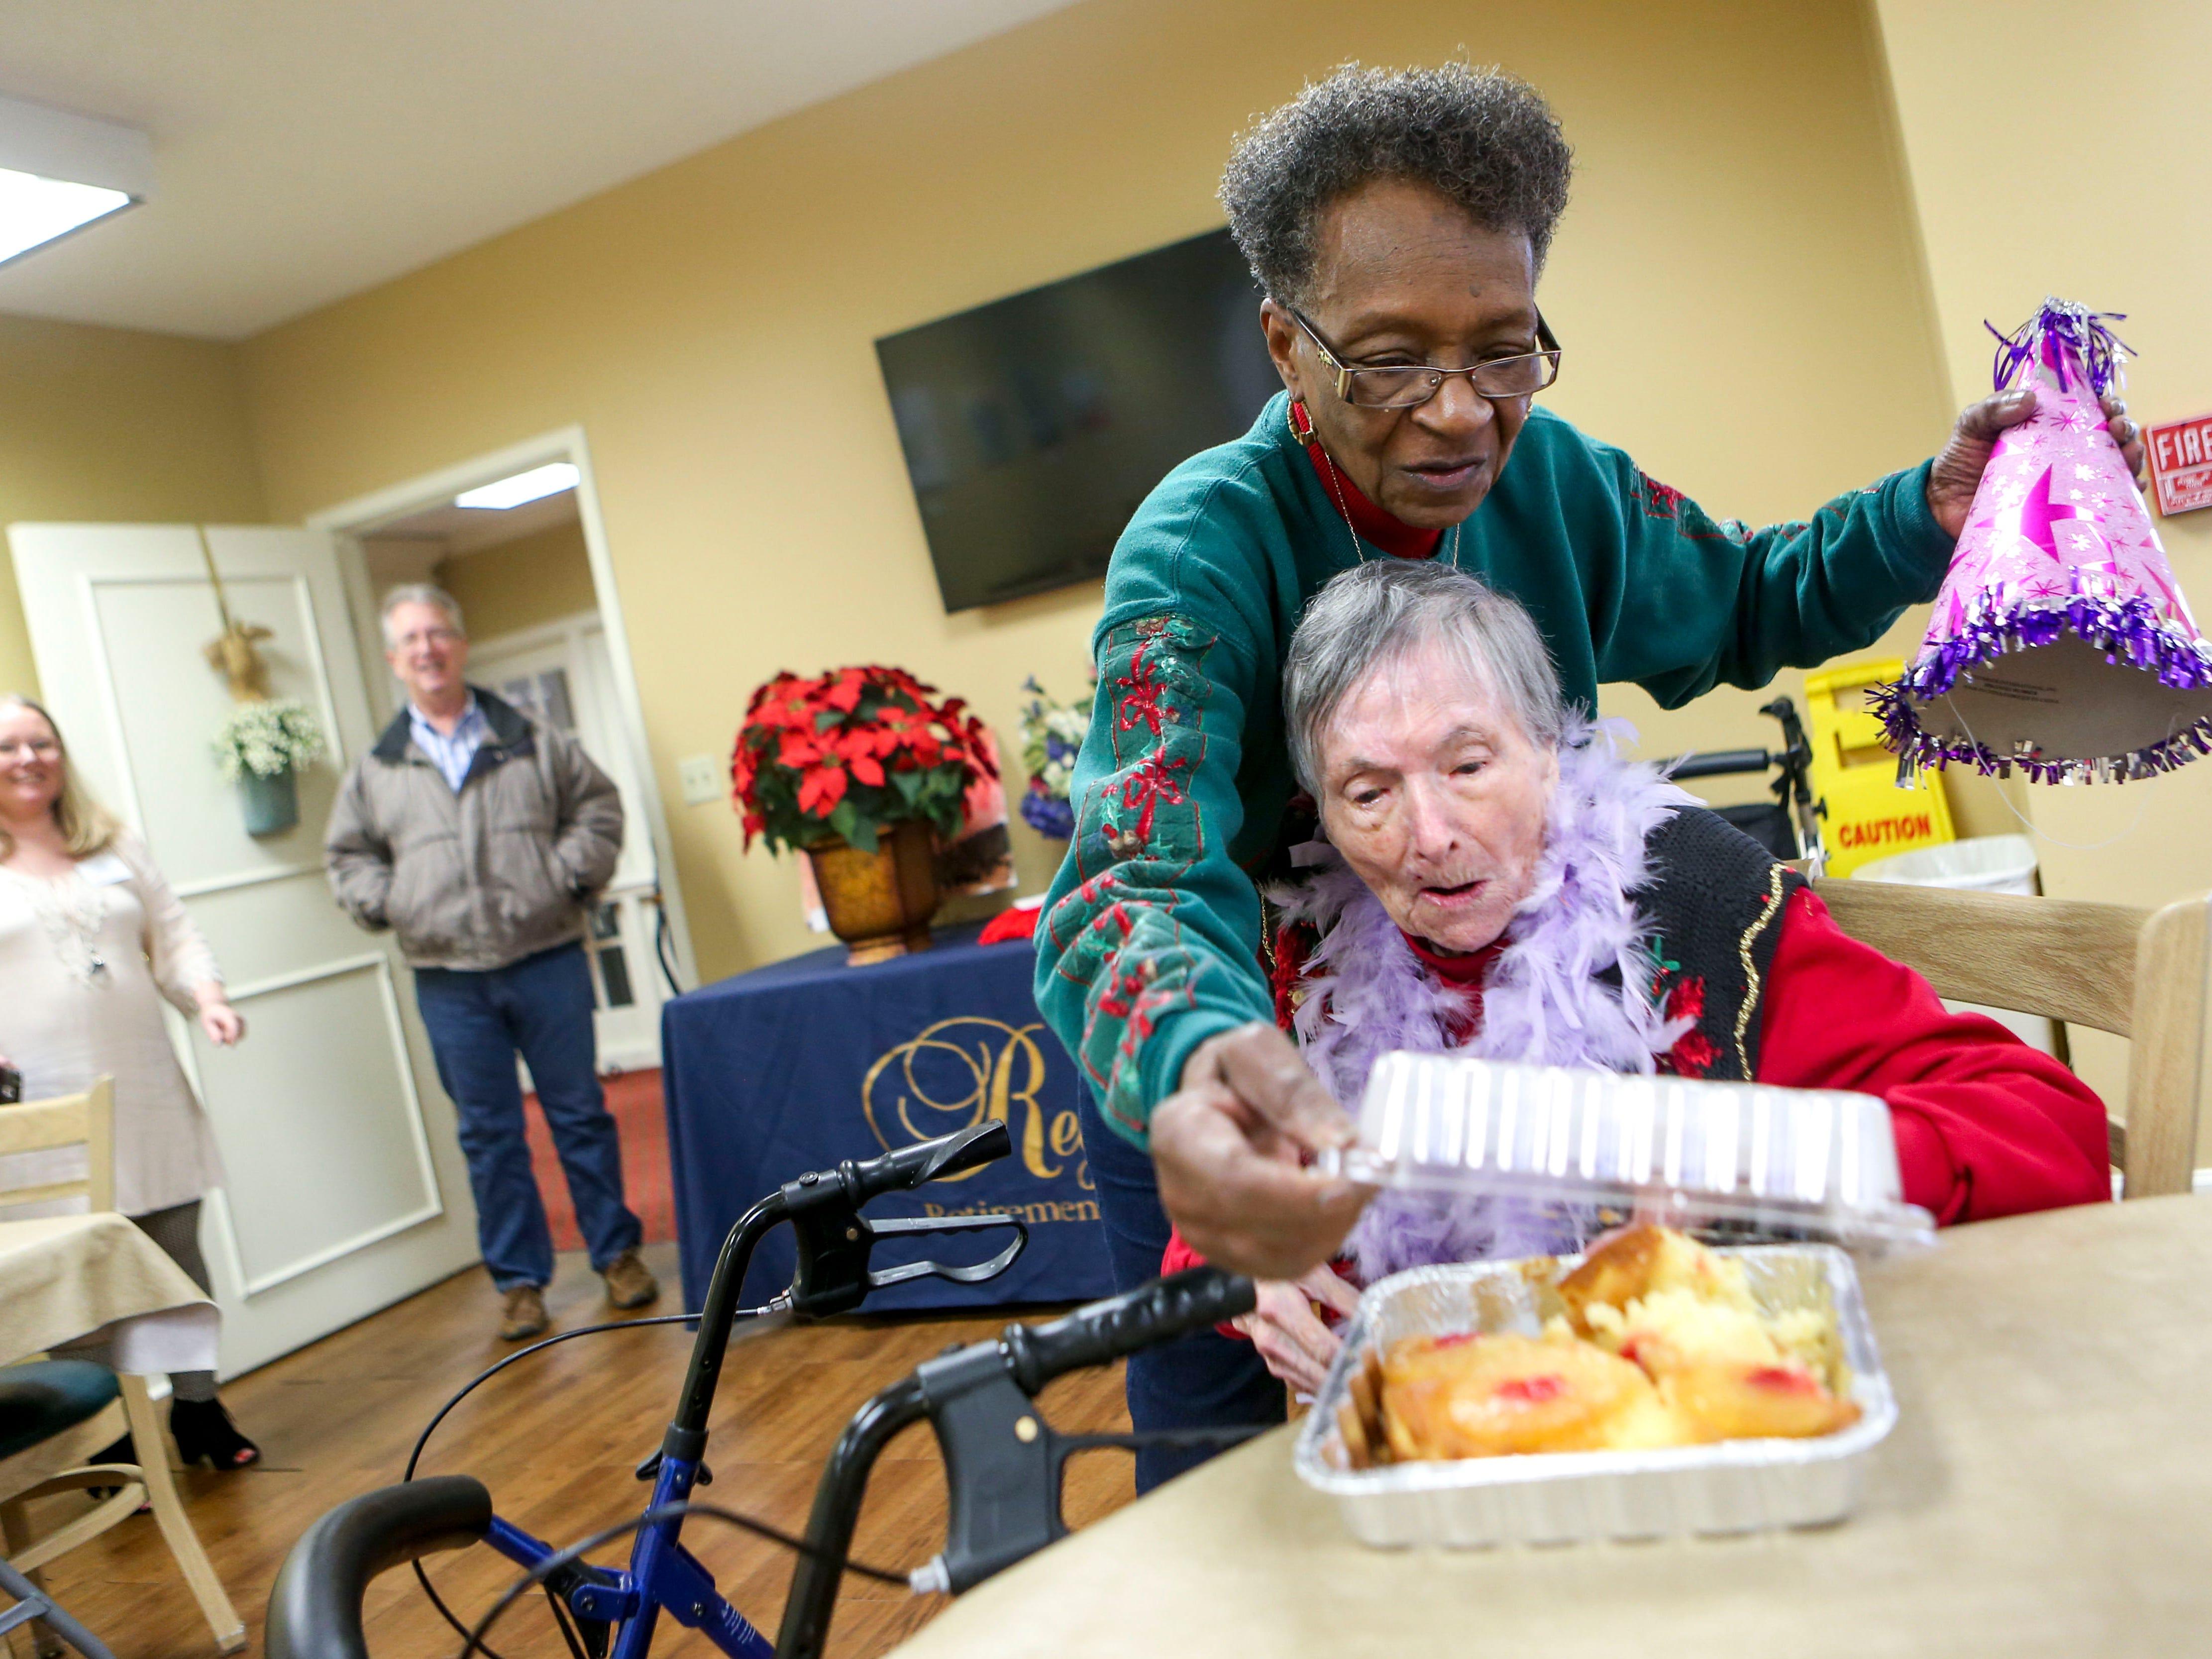 Anne Boston opens up the box for Ida Feldman's cake on Feldman's 100th birthday at Regency Retirement Home in Jackson, Tenn., on Thursday, Dec. 20, 2018.